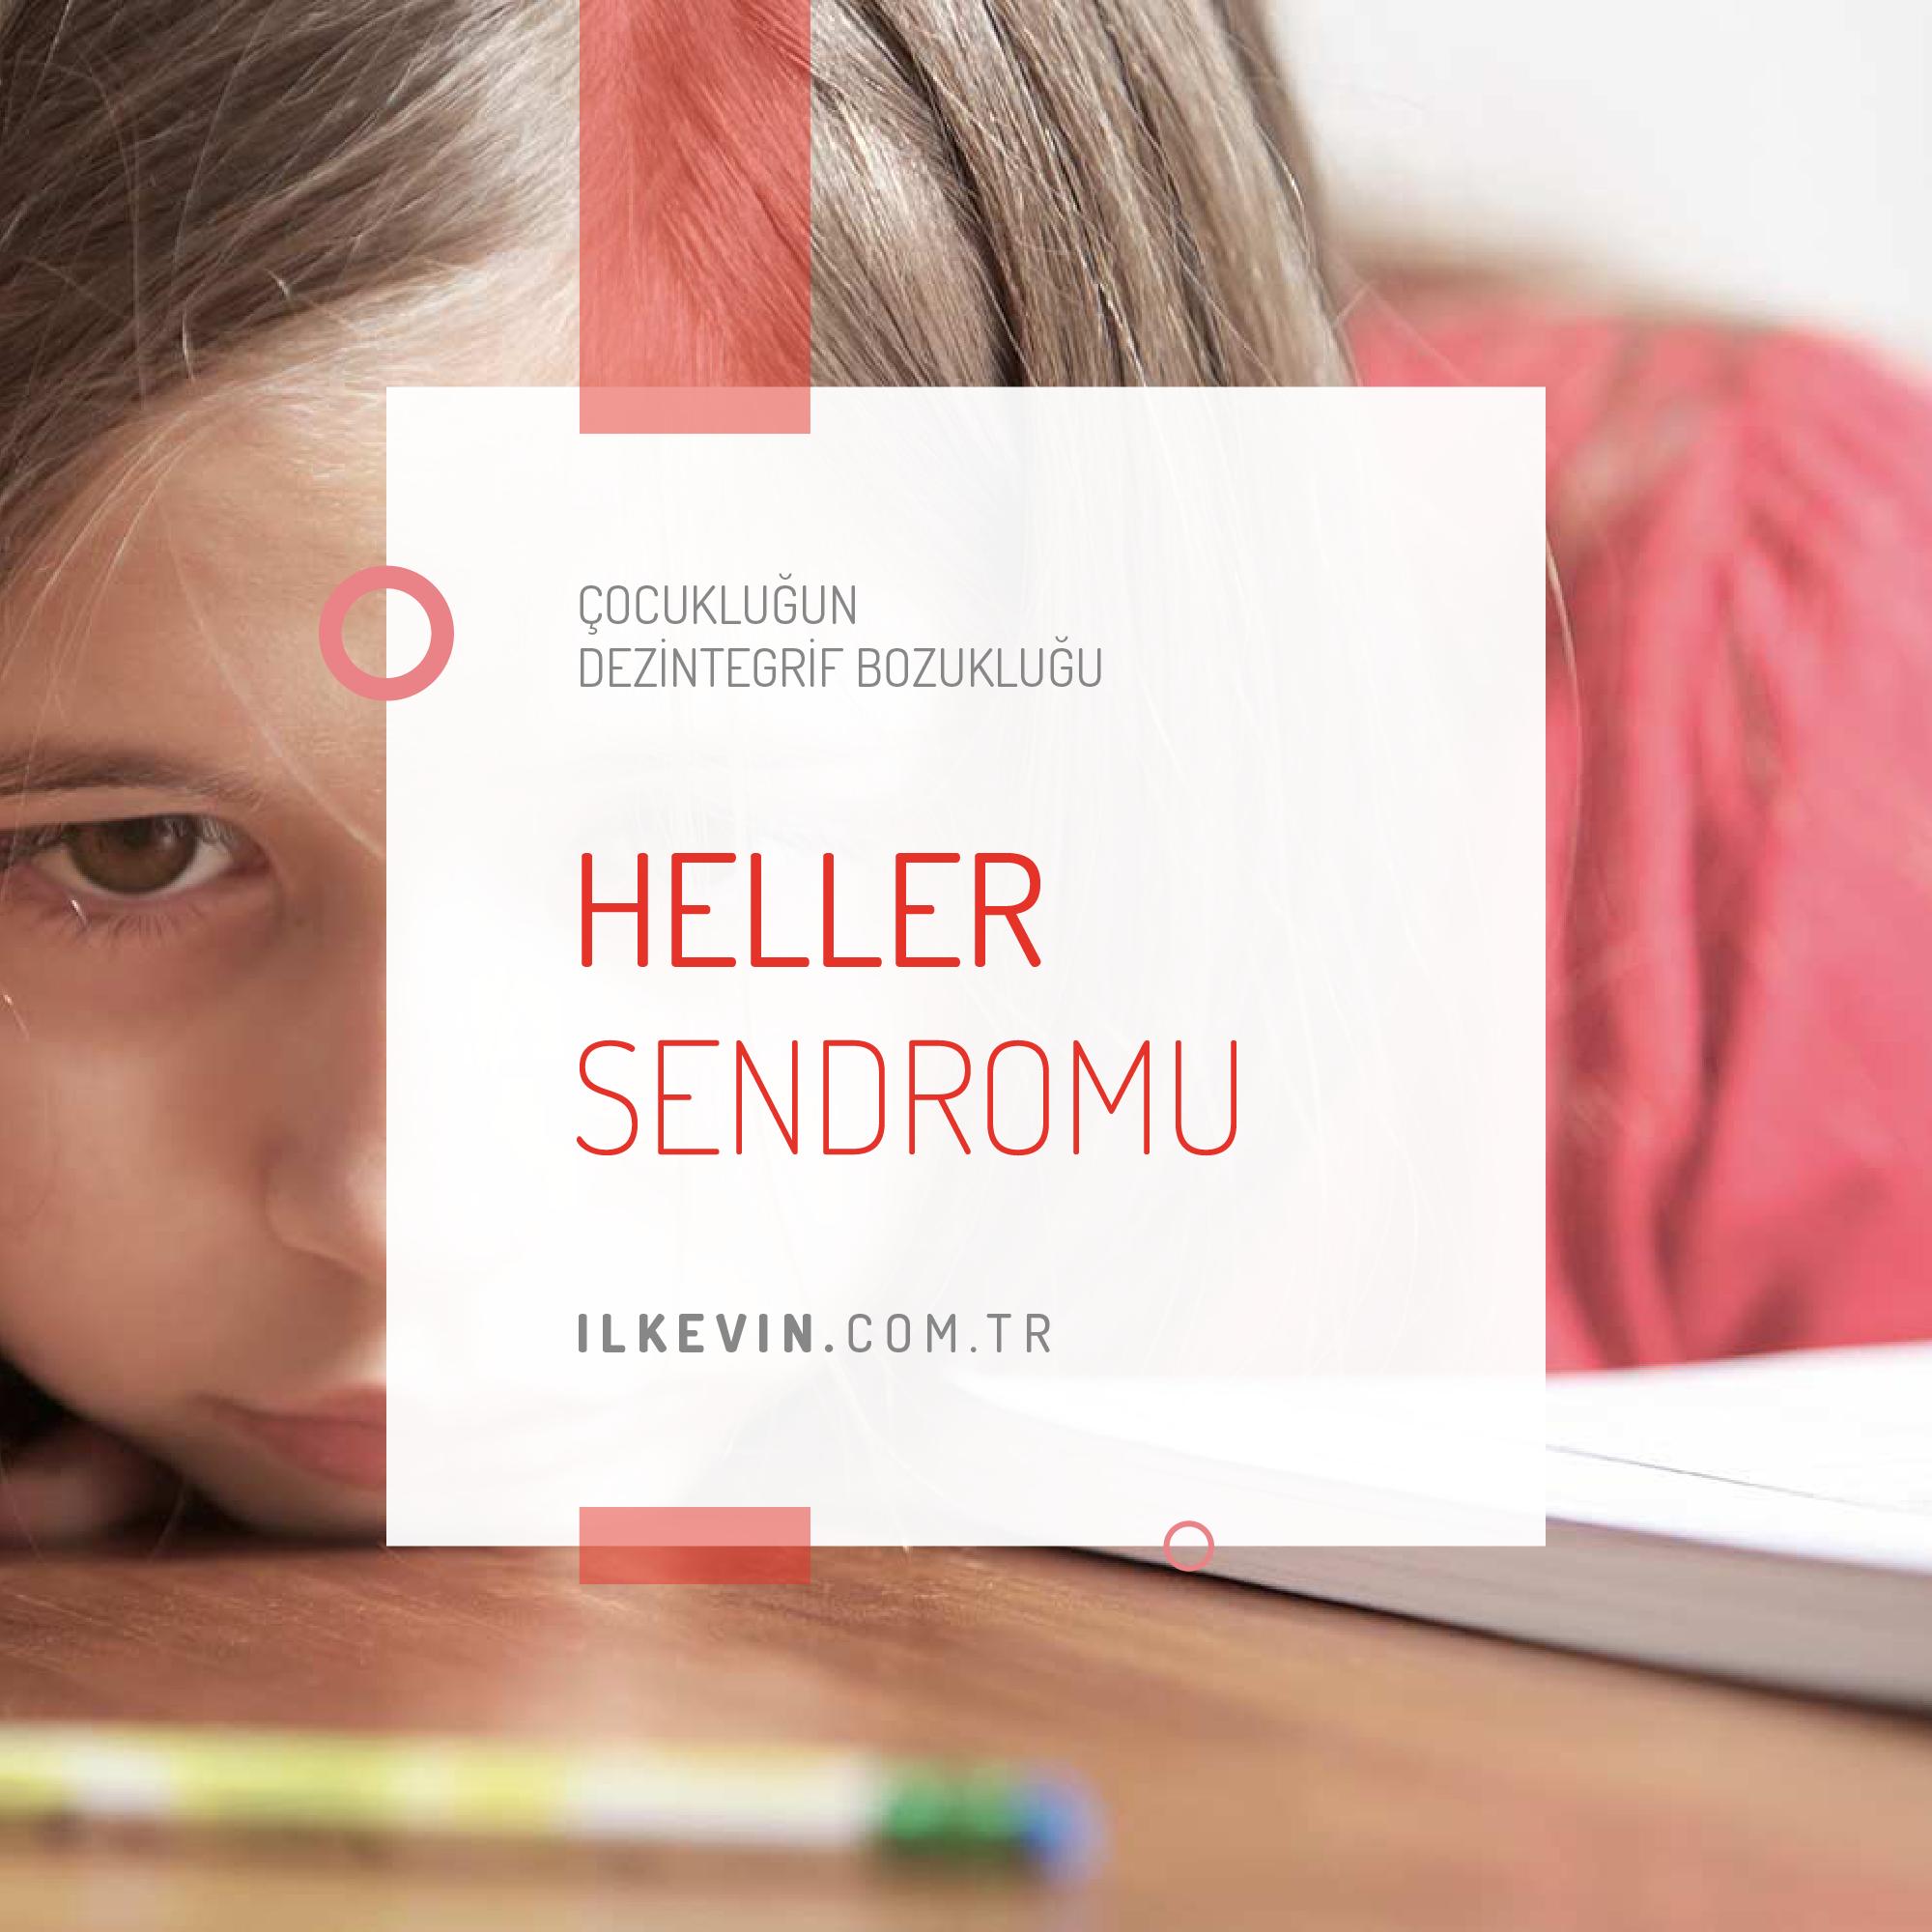 Heller Sendromu, İLK EVİN - Özel Eğitim ve Rehabilitasyon Merkezi